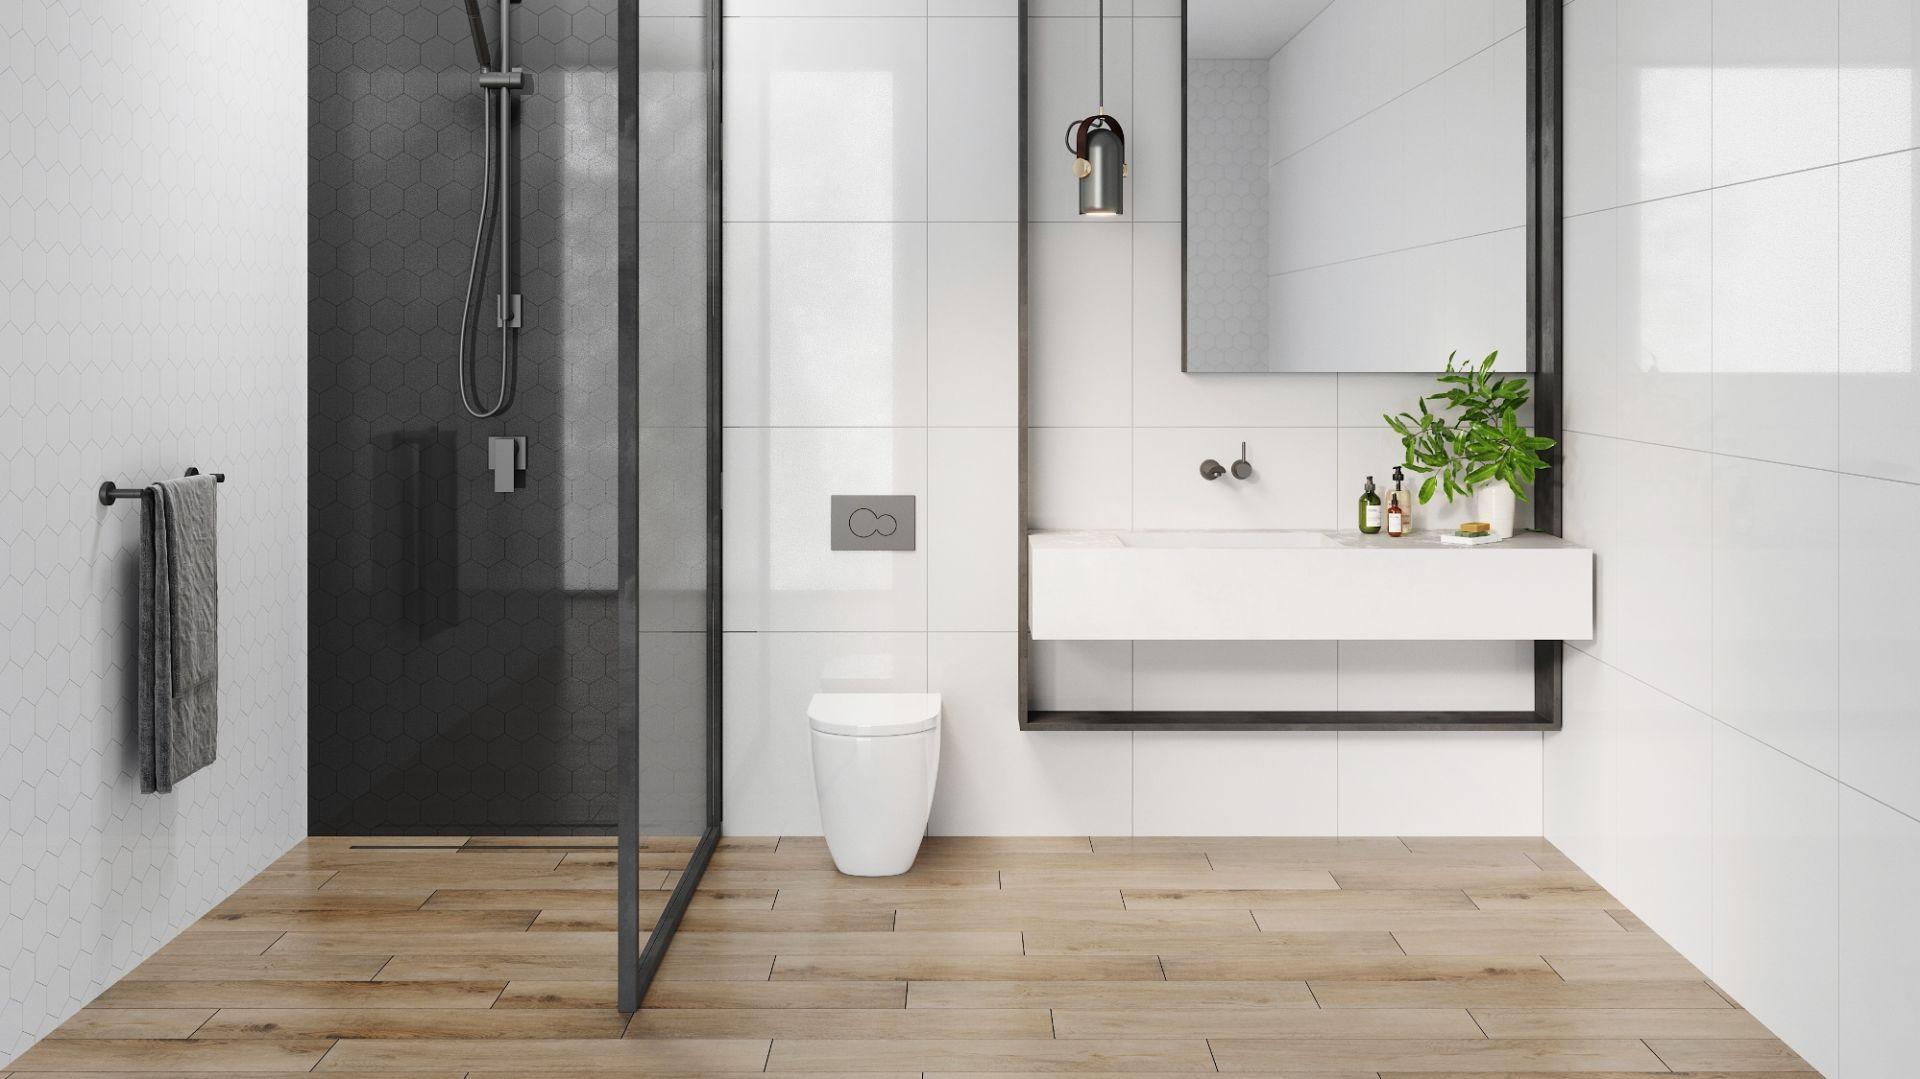 Flementy heksagonalne z kolekcji Cambia w kolorze white oraz black doskonale uzupełnią dwie ściany otwartego prysznica. Fot. Cerrad